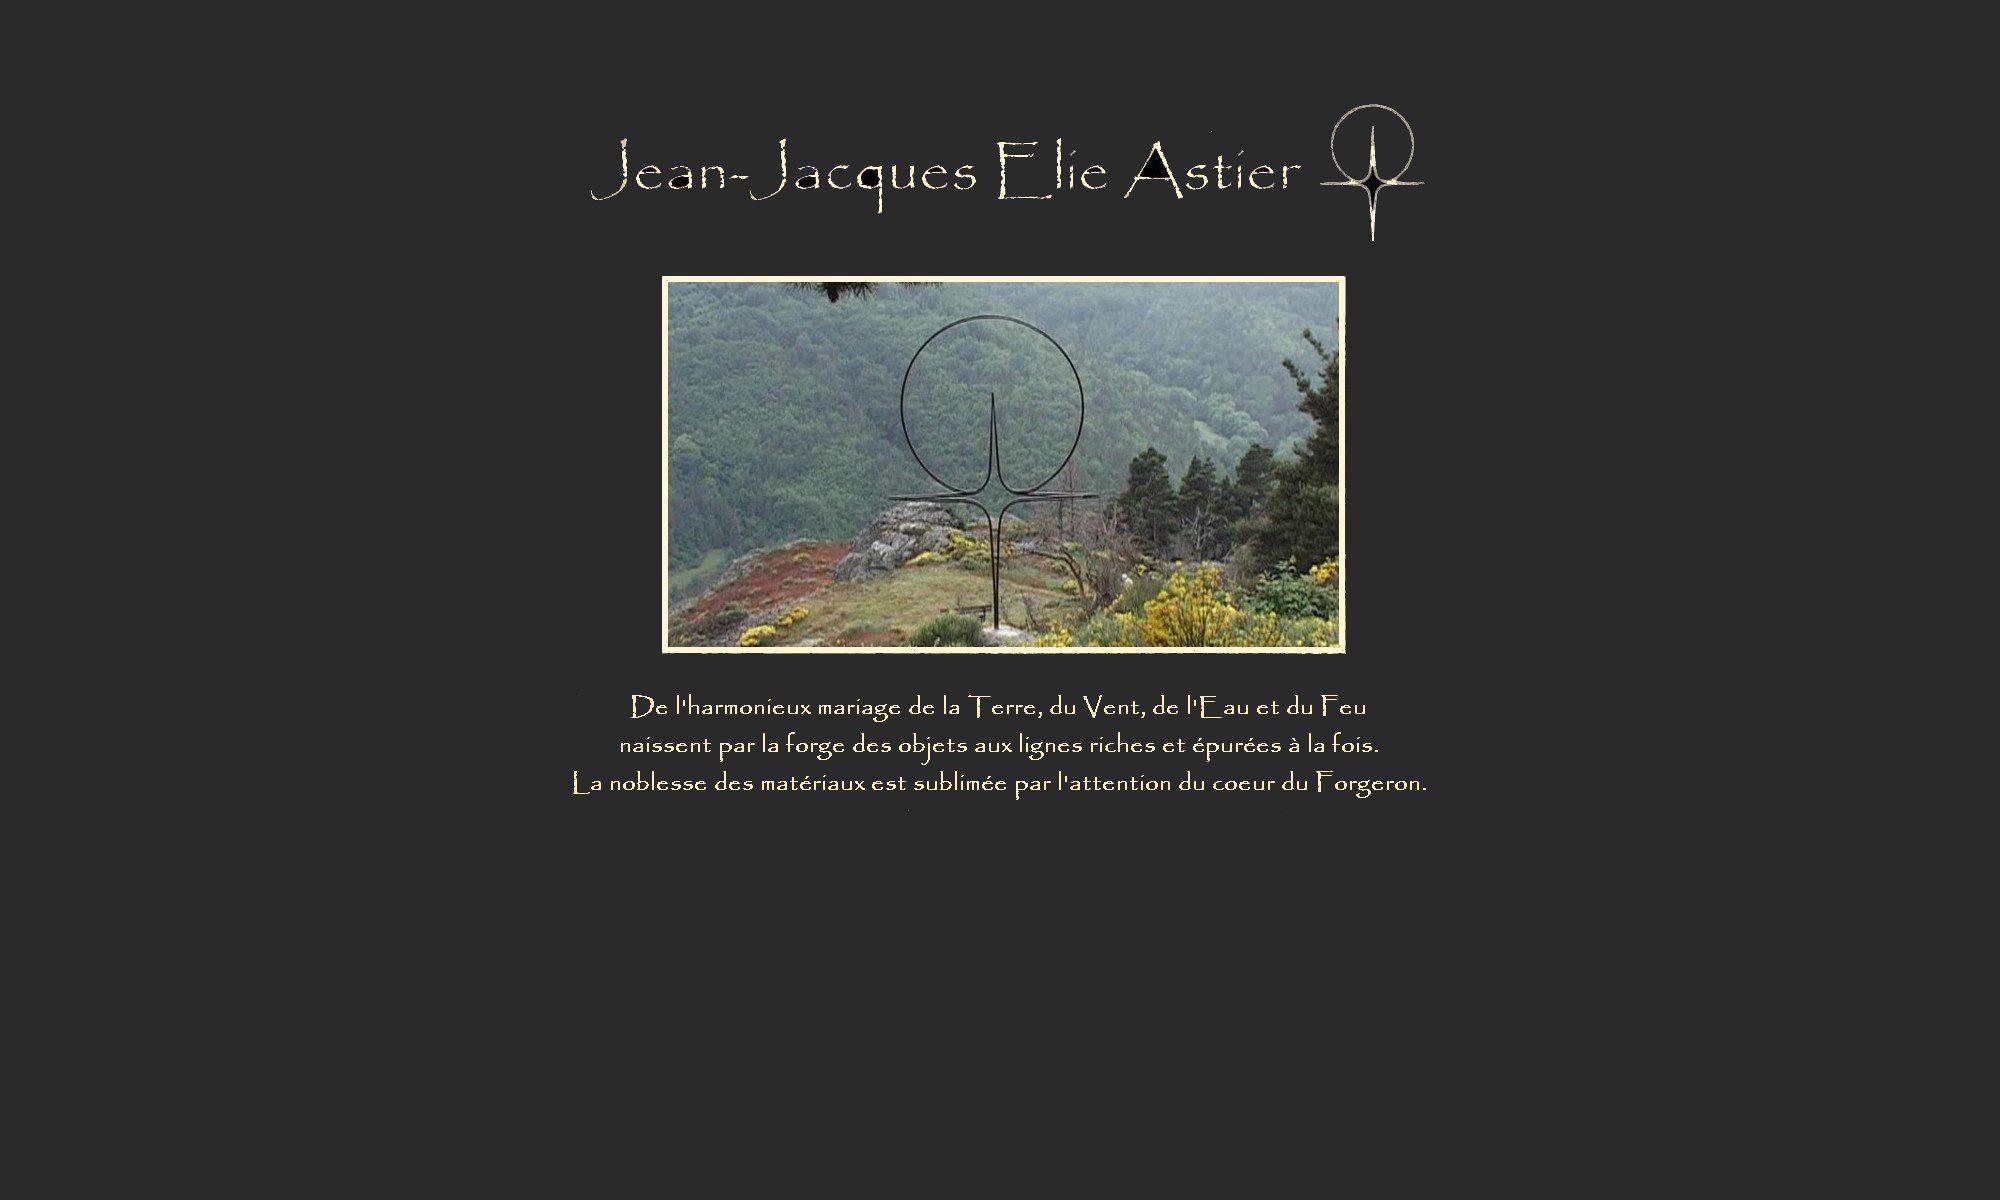 Jean-Jacques Elie ASTIER